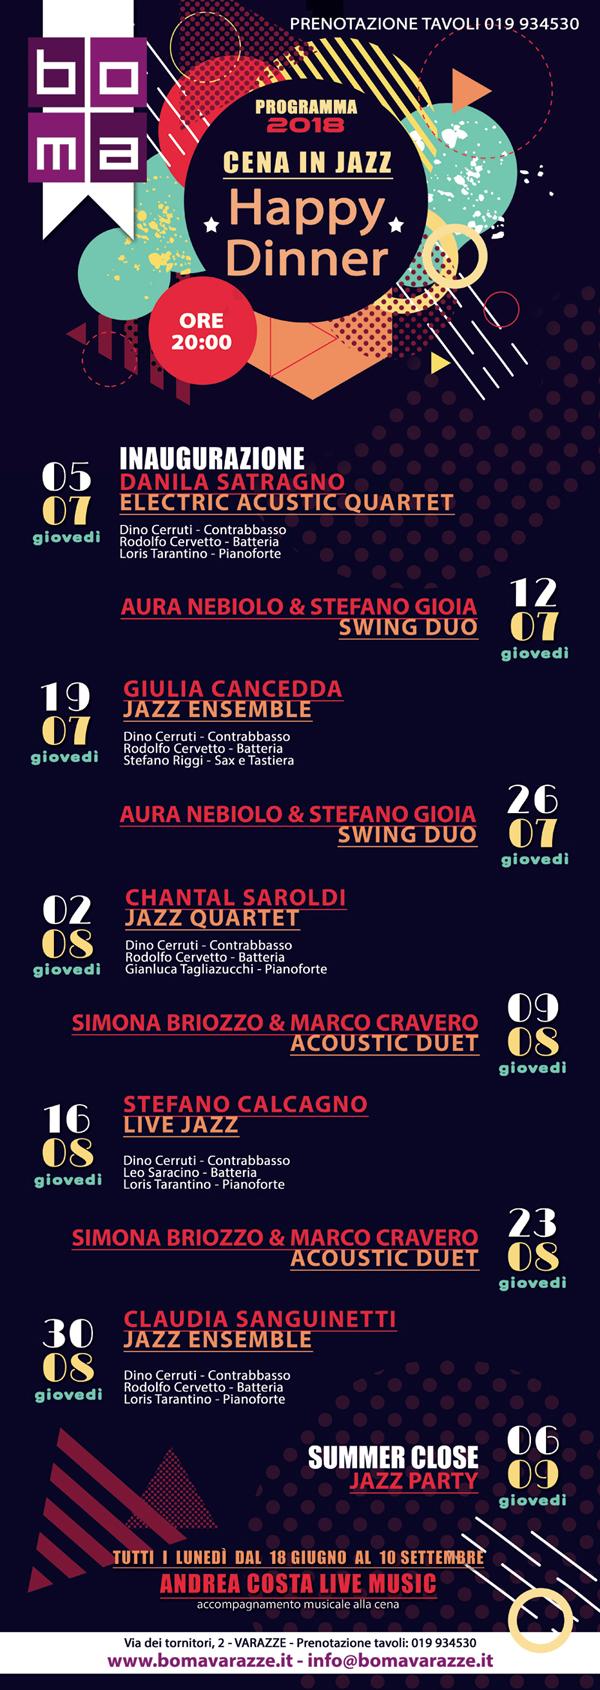 Calendario Eventi.Calendario Eventi 2018 Boma Ristorante Tatoosa Creative